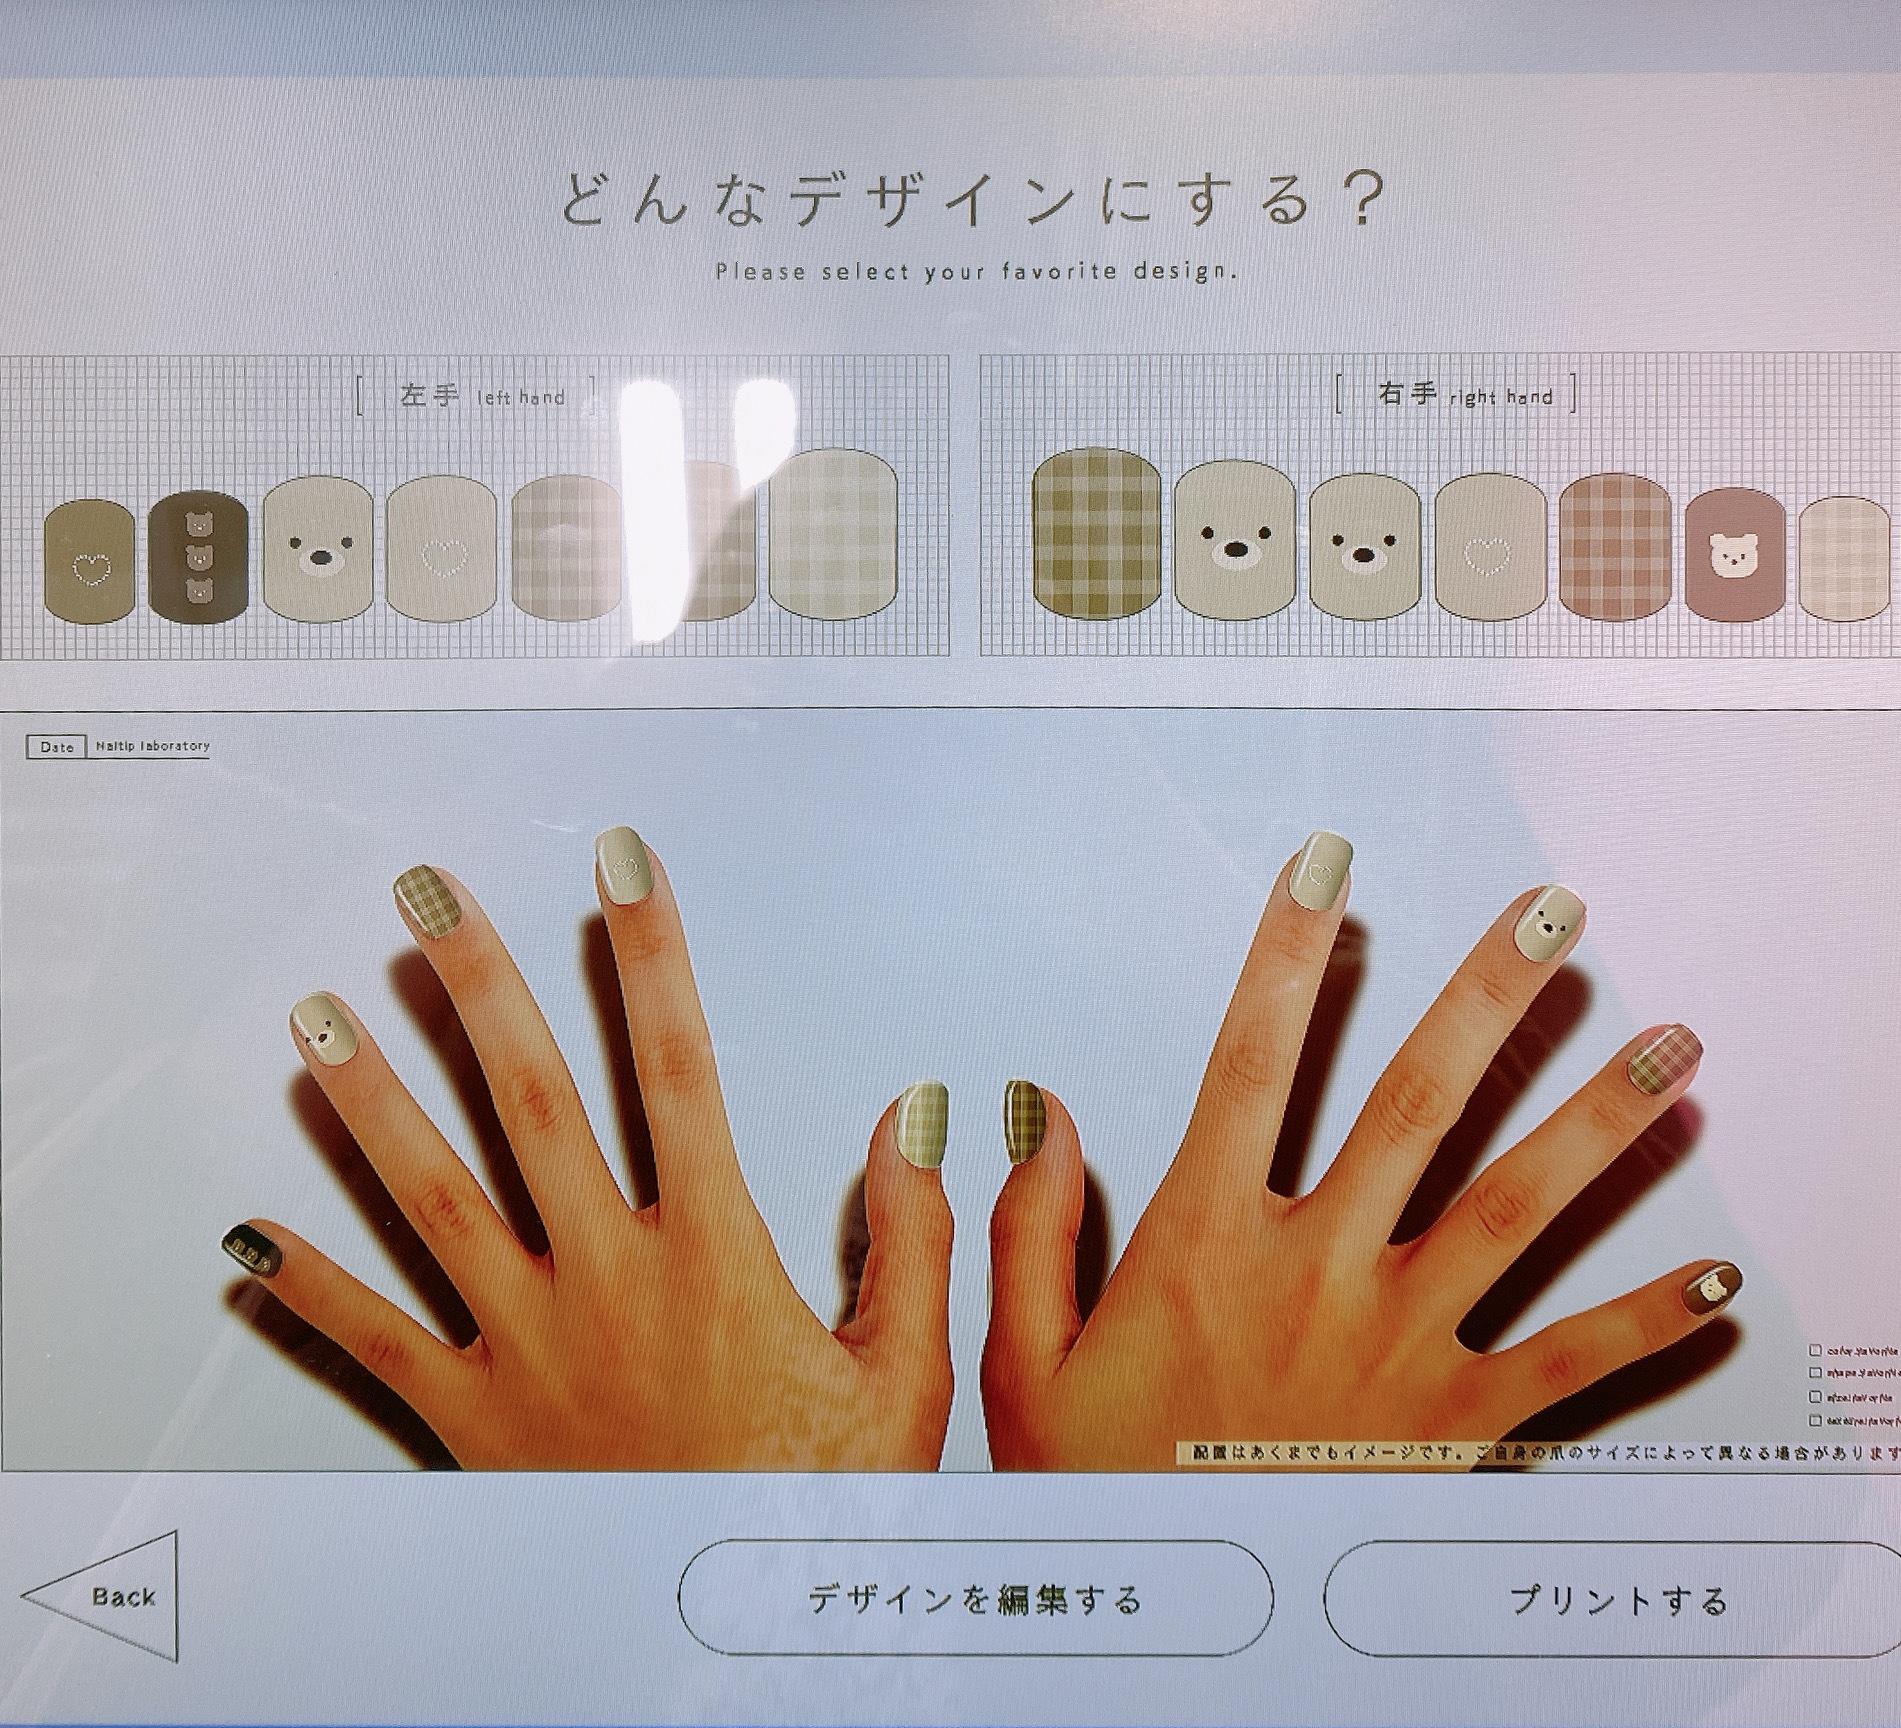 【ネルチップ】はタッチパネル操作で、オリジナルのネイルチップが作れる!